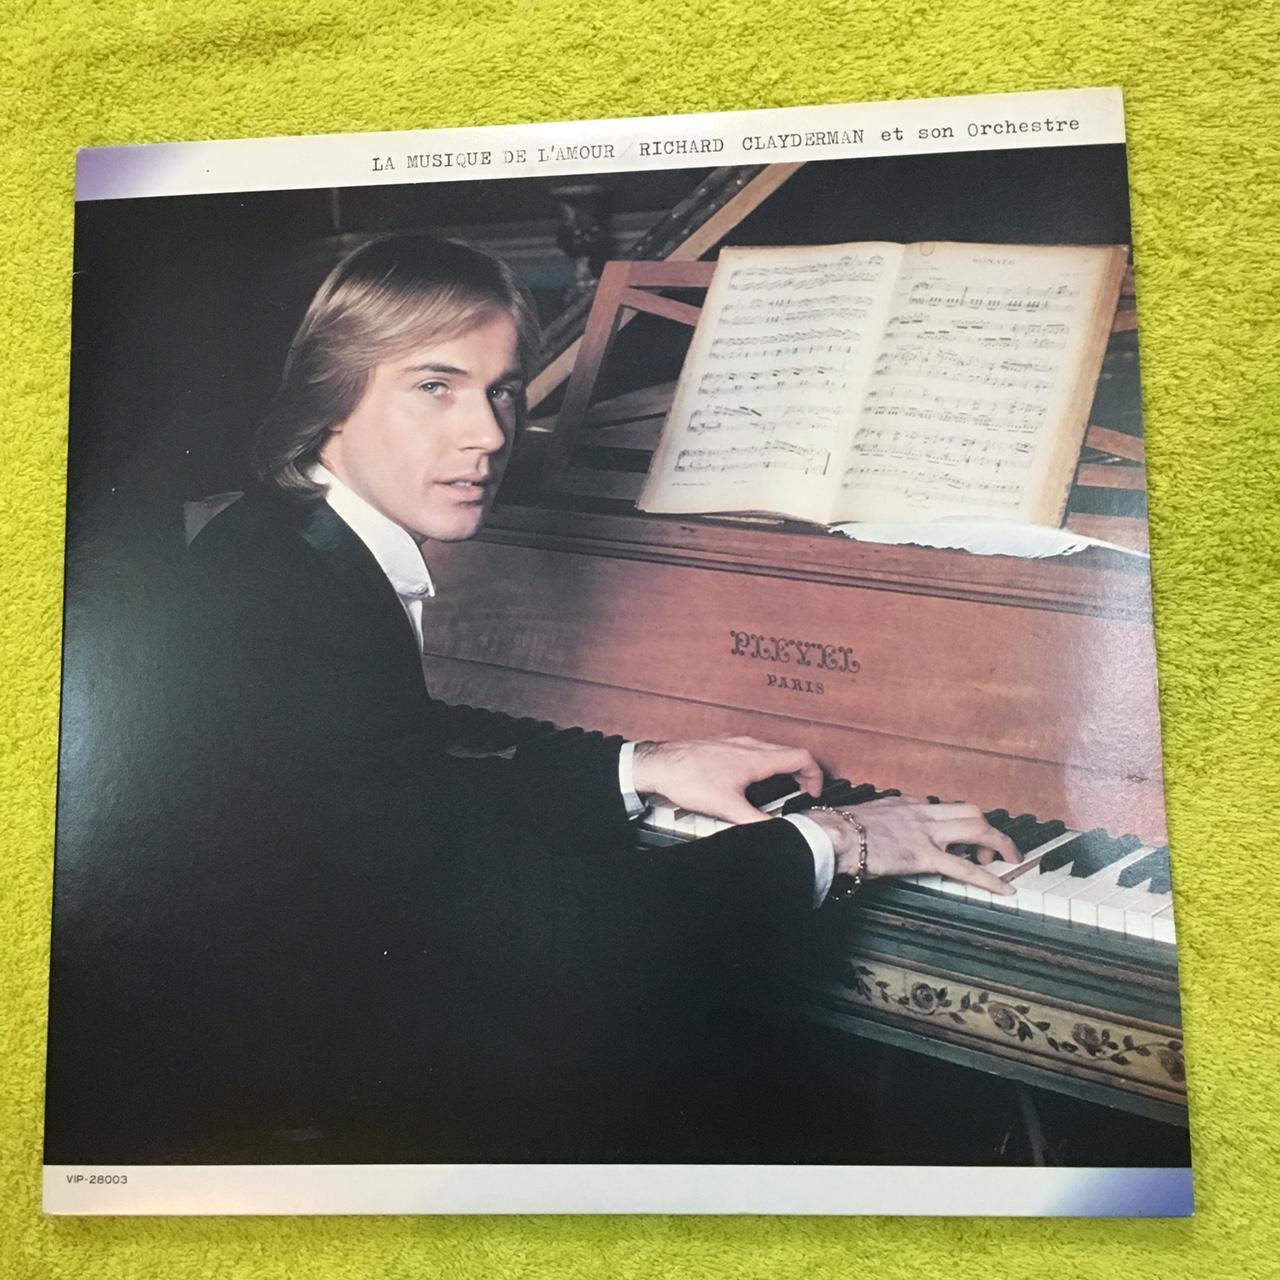 richard-clayderman-la-musique-de-l-amour